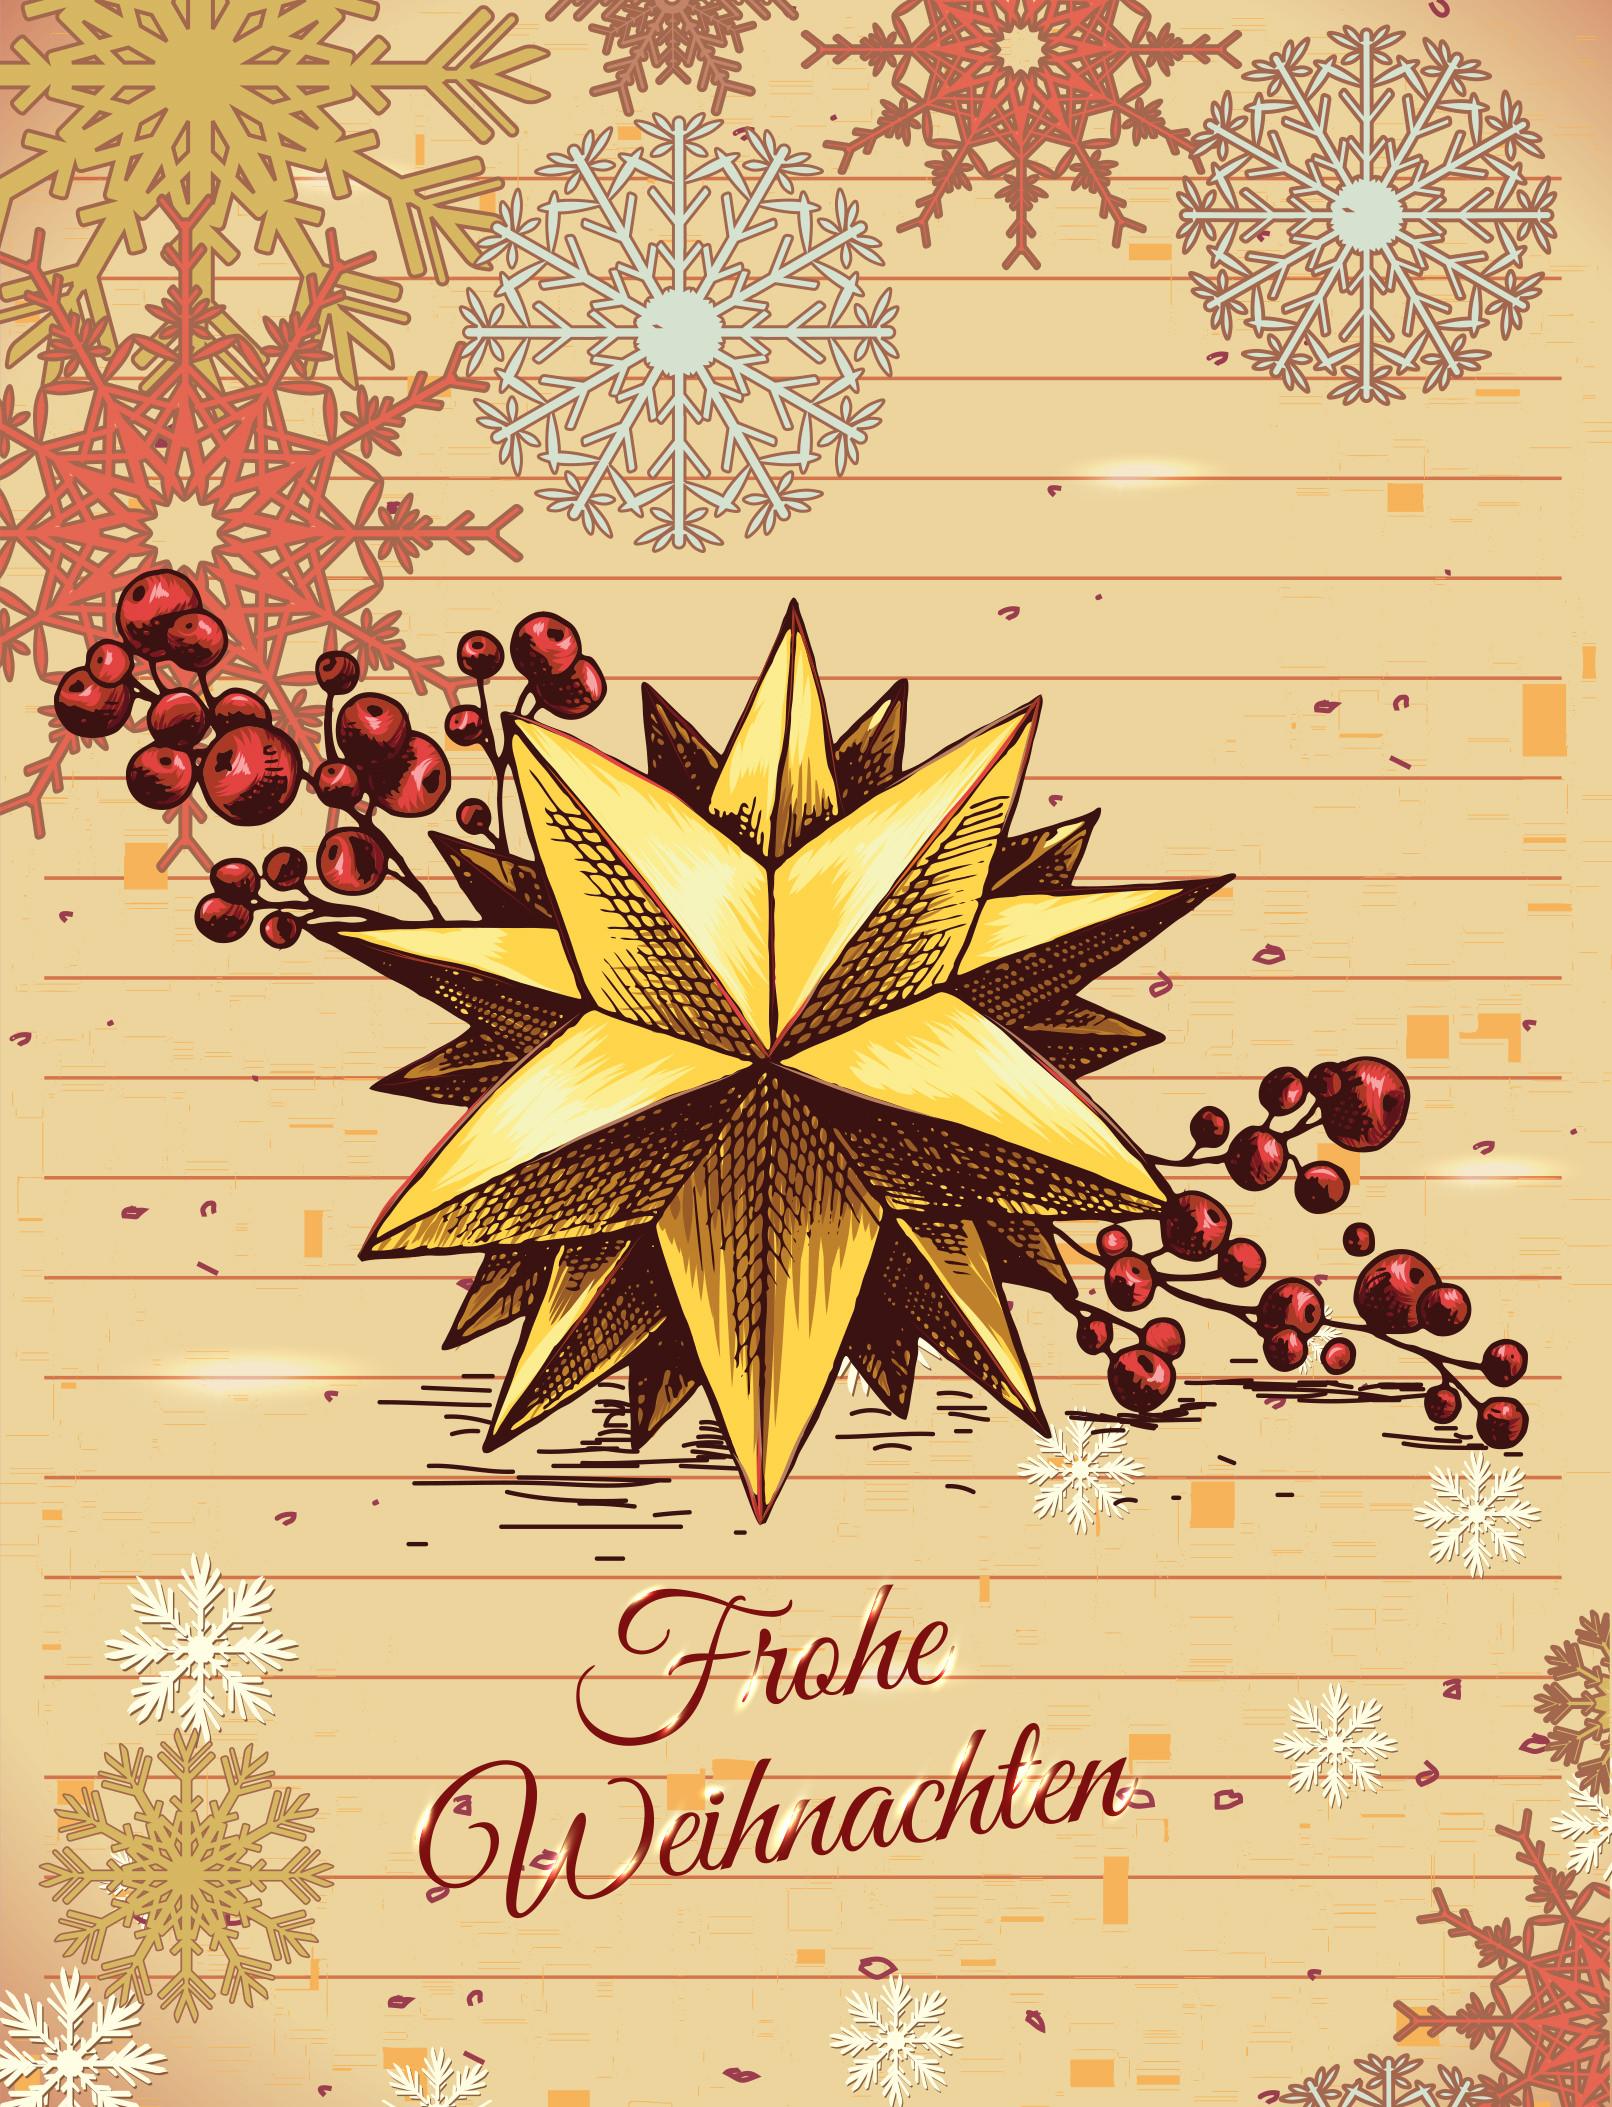 Wintermotive und Illustrationen für Weihnachten: Beispiel Glückwunschkarte